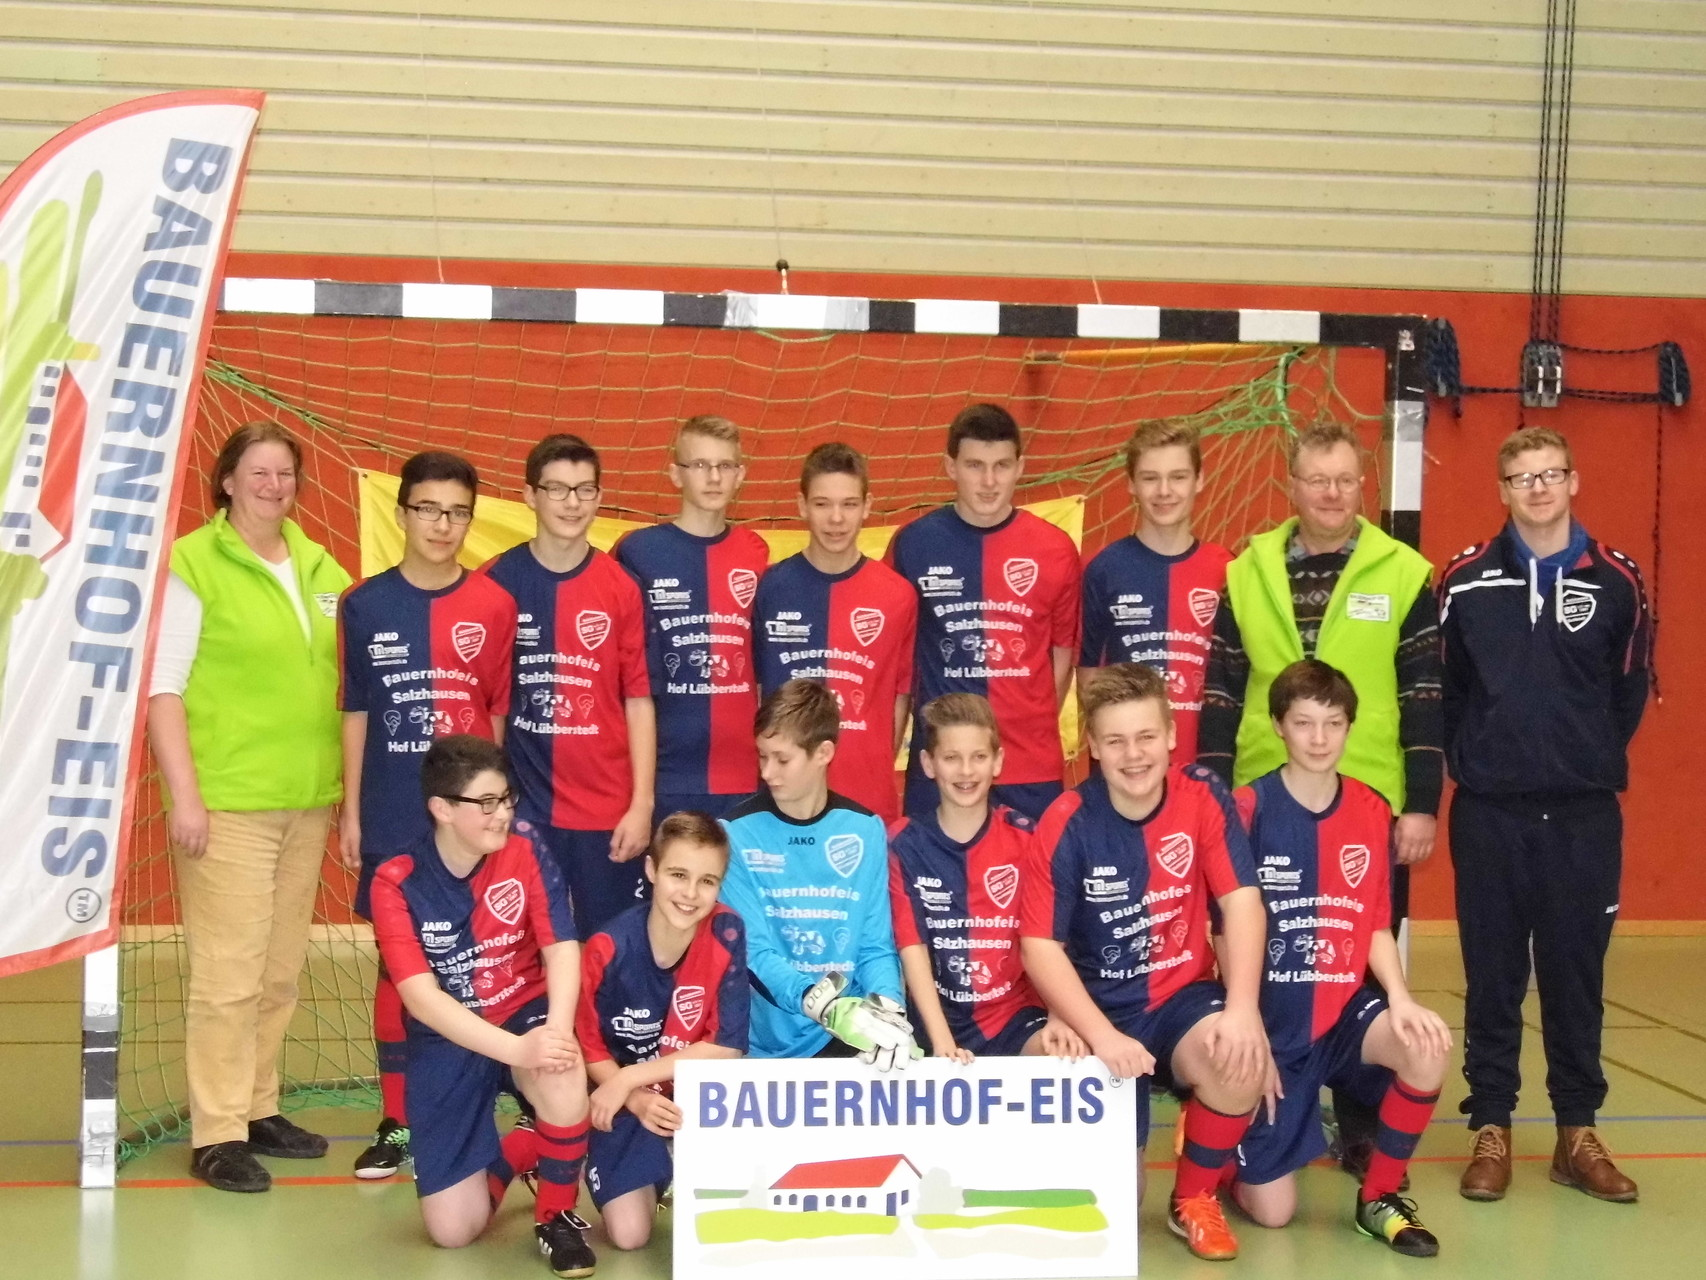 Unser Trikot-Sponsoring für die Fußballmannschaft Salzhausen/Garlstorf